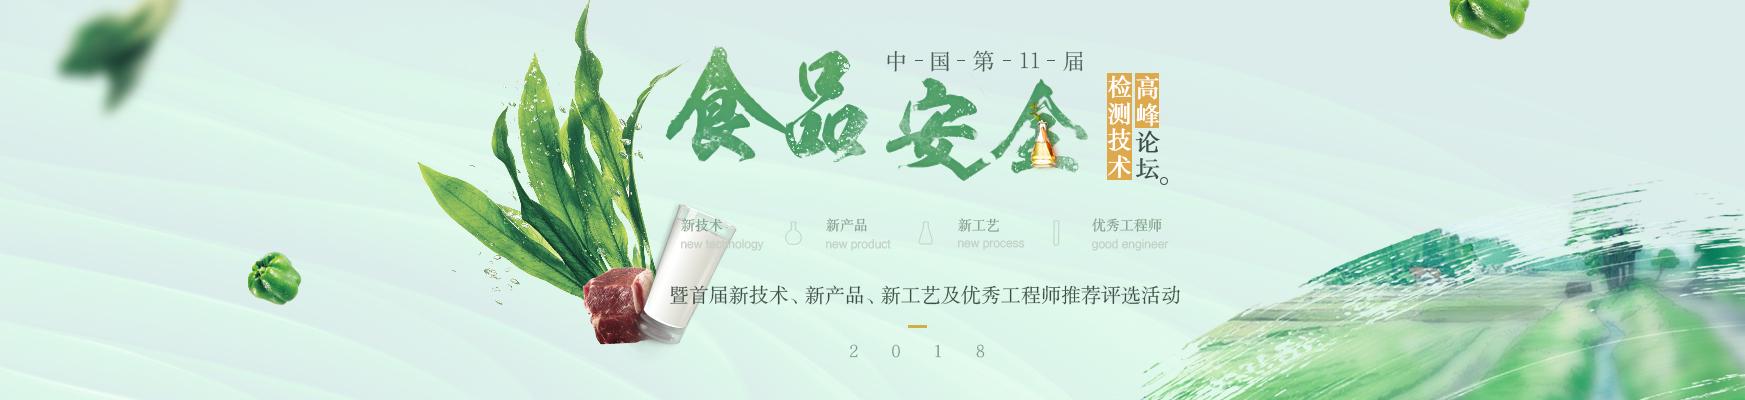 2018年第十一届中国食品安全检测技术高峰论坛 暨首届新技术、新产品、新工艺及优秀工程师推荐评选活动